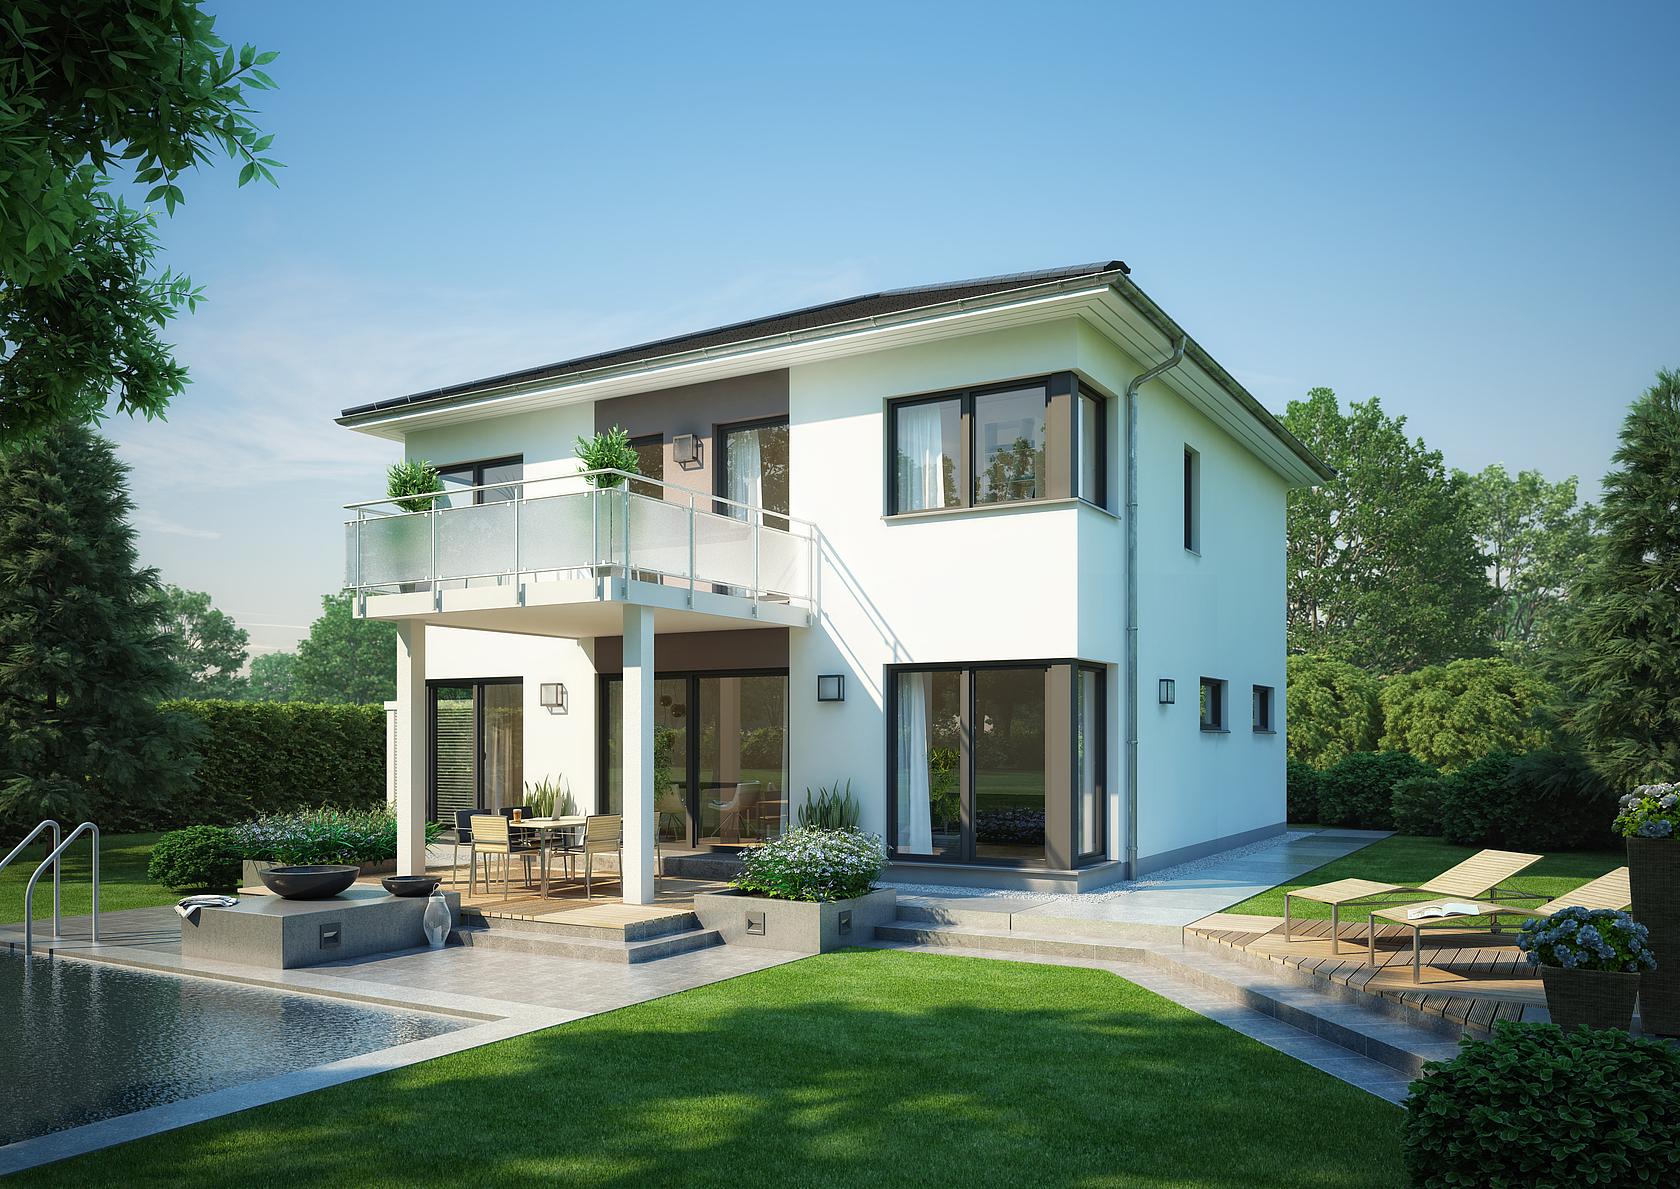 Stadtvilla centro von kern haus 4 schlafzimmer f r familien for Hausbau ideen bauplane